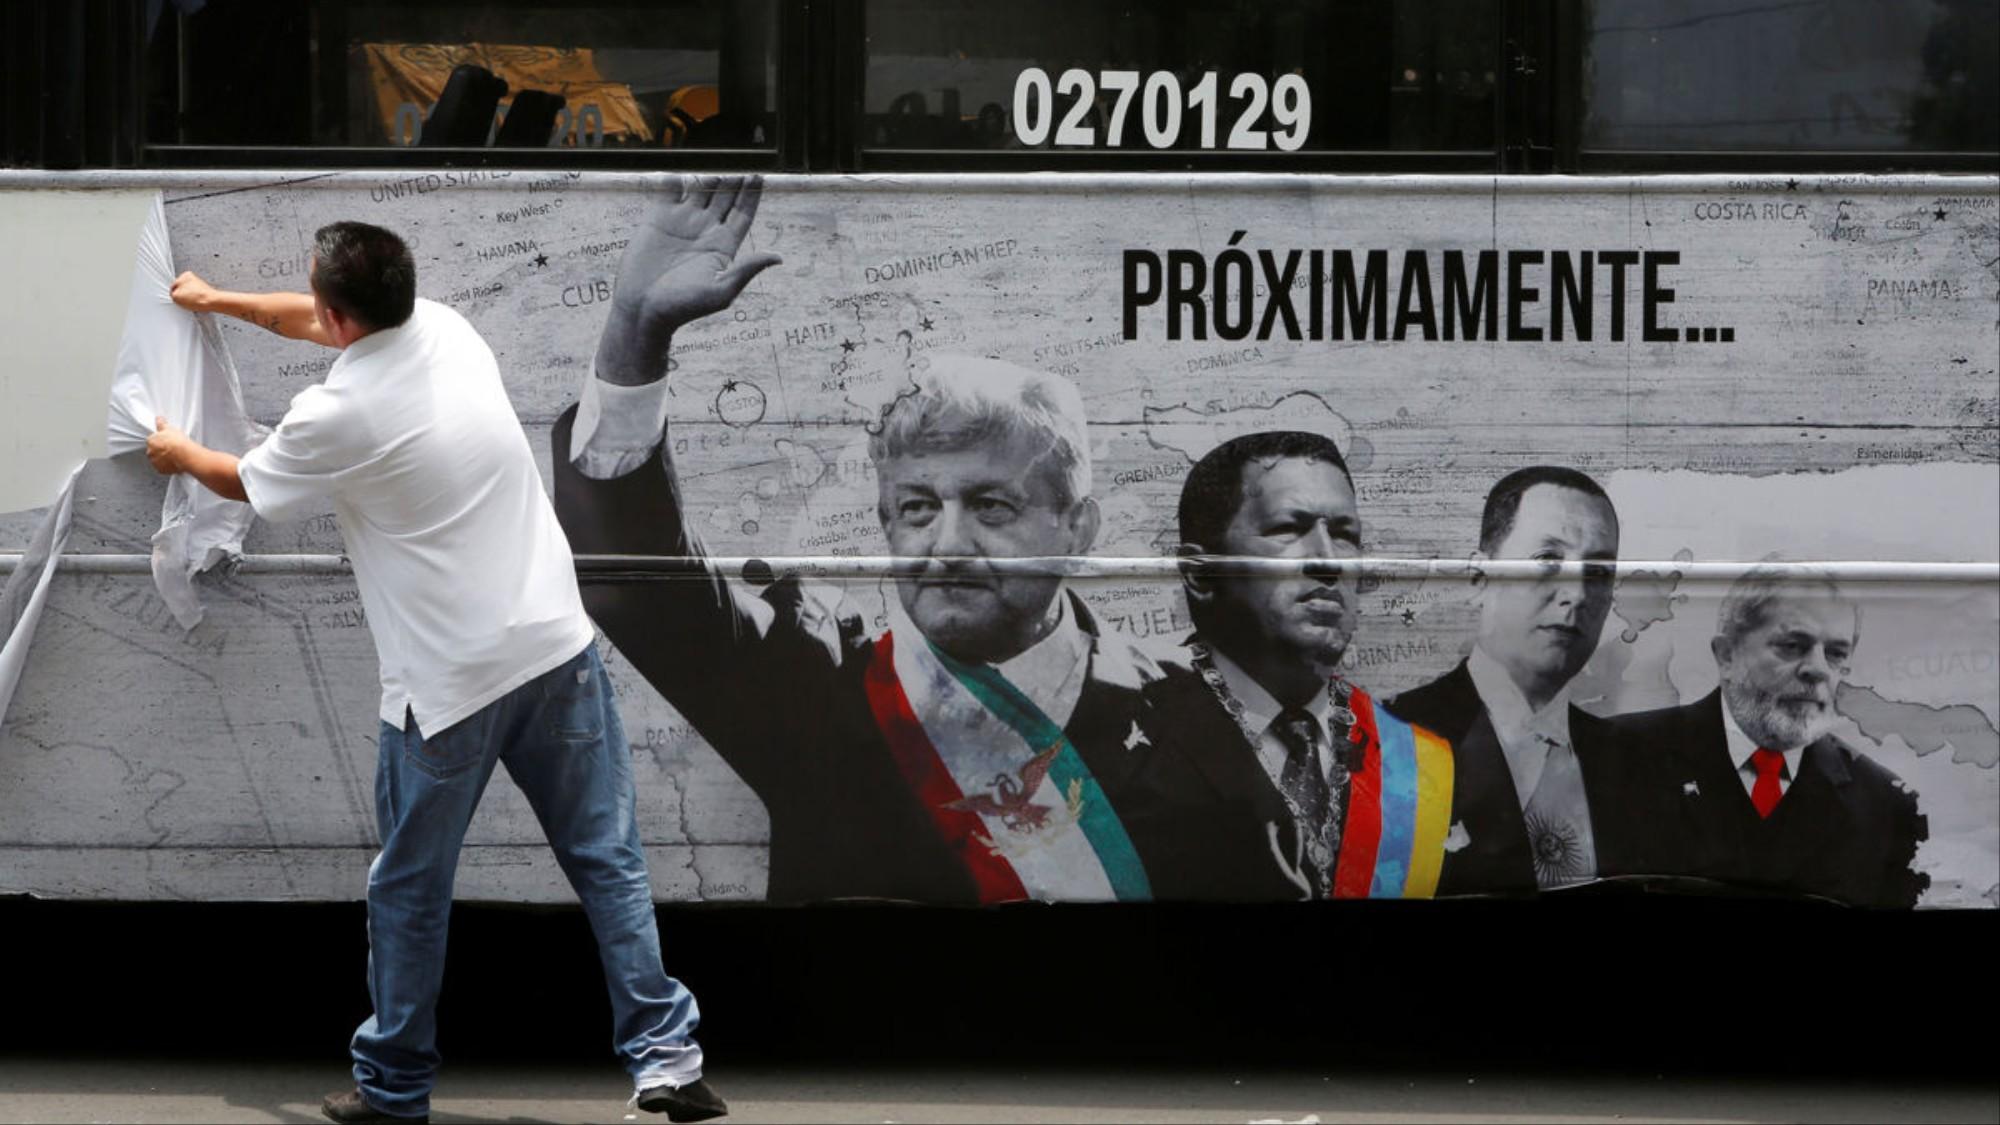 La serie se estrenó en junio de 2018, días antes de la elección presidencial (Foto: Archivo)